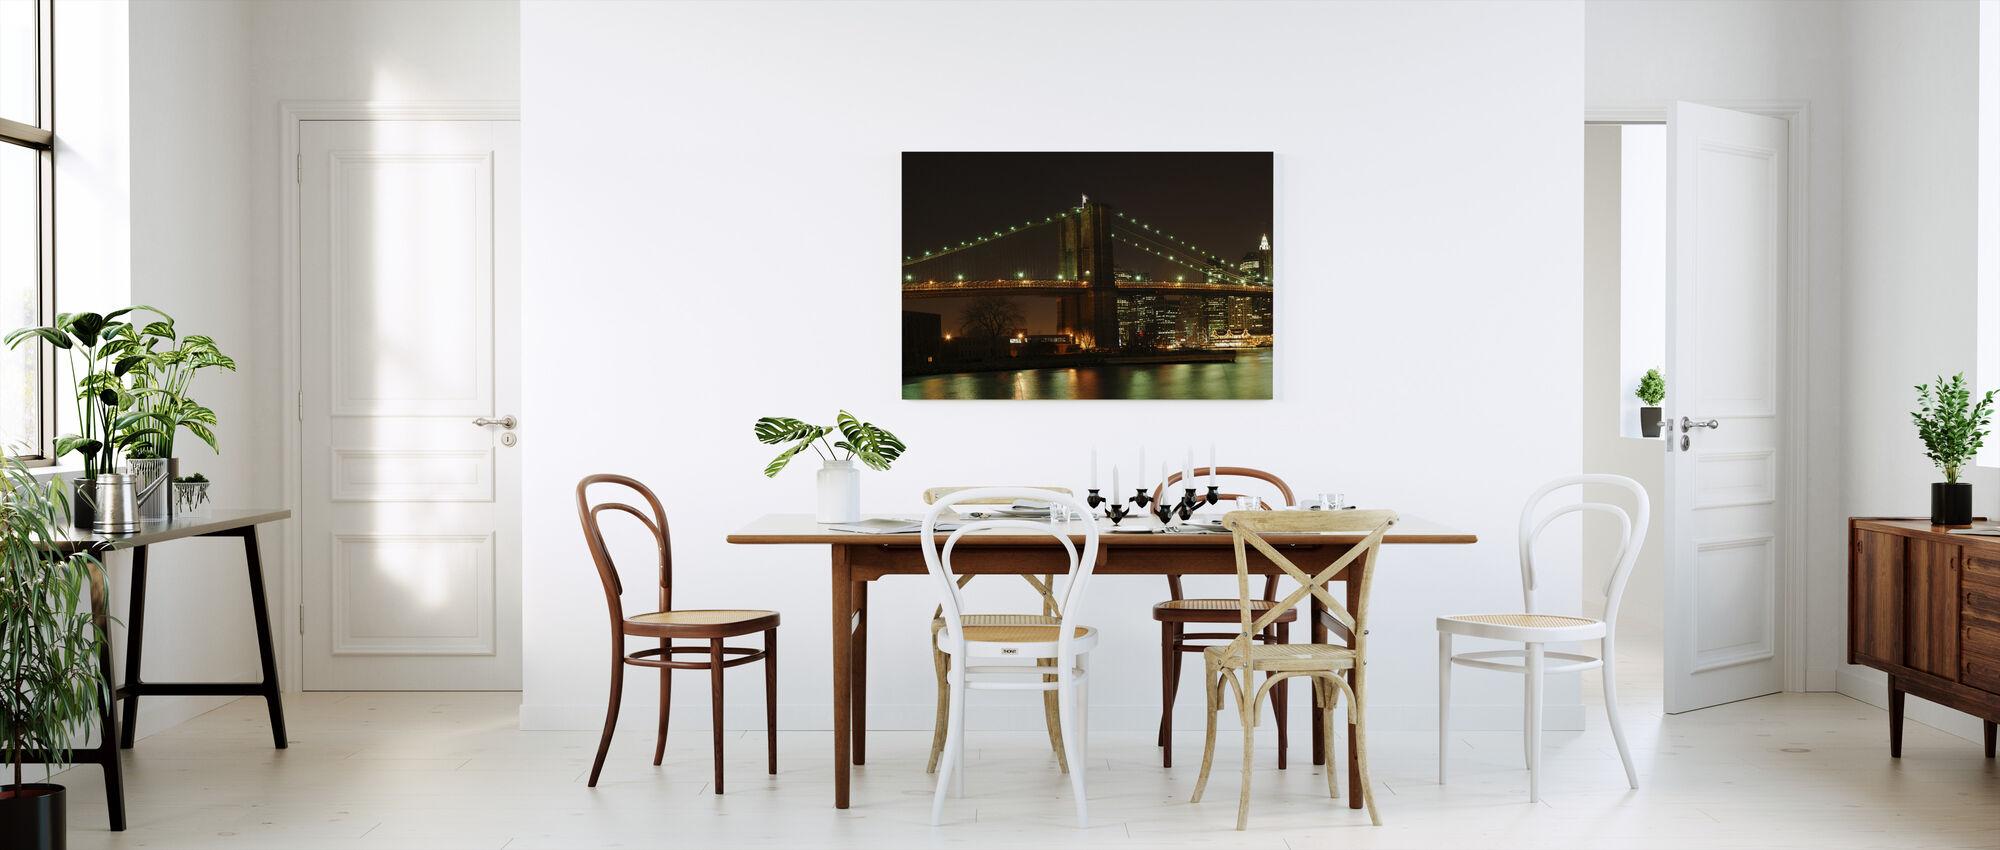 Brooklyn Bridge Full View - Canvas print - Kitchen